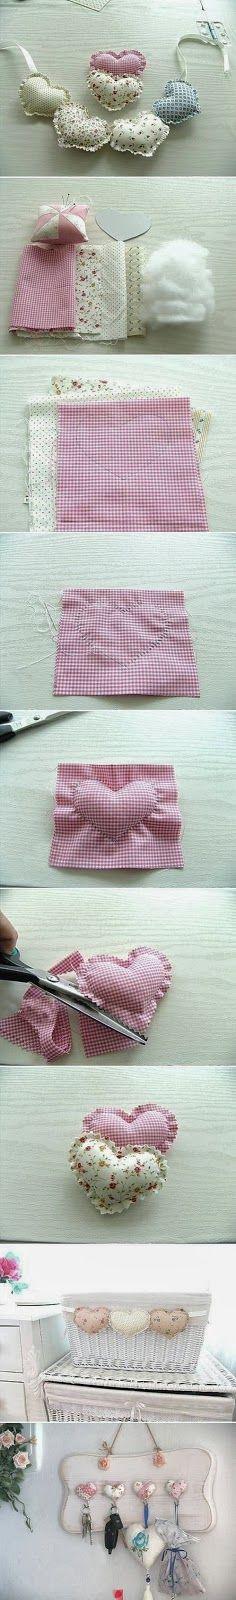 DIY Craft Idea - pretty